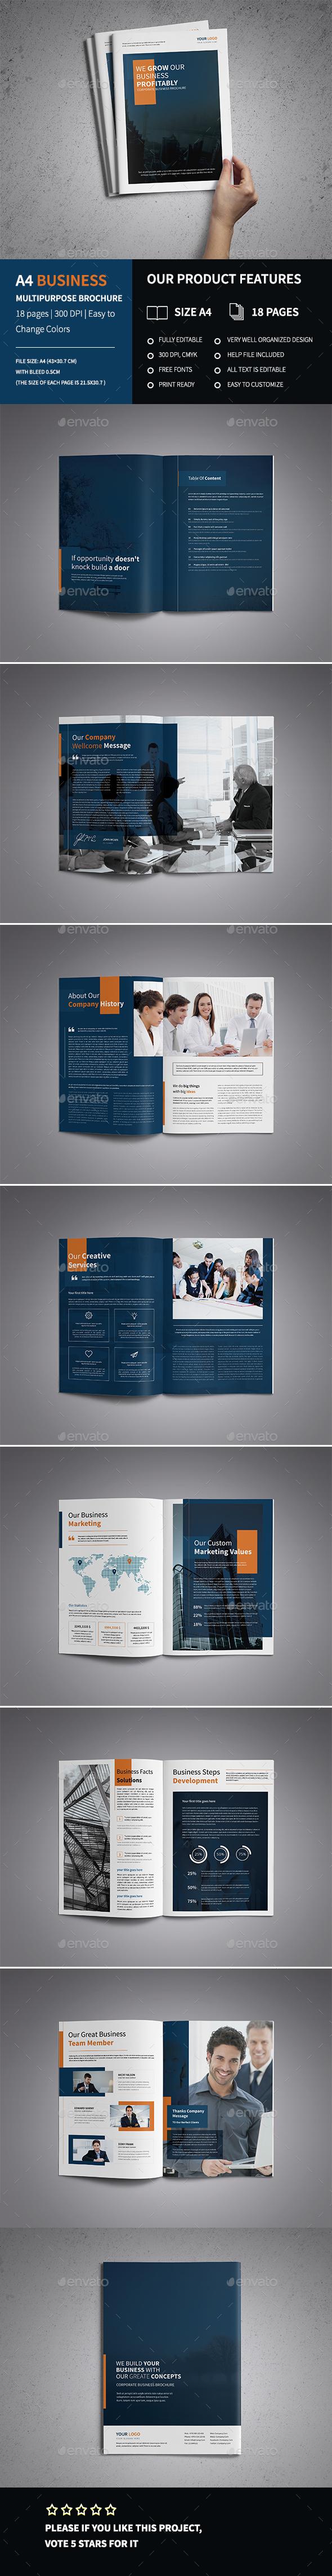 A4 Corporate Business Brochure Template  - Corporate Brochures